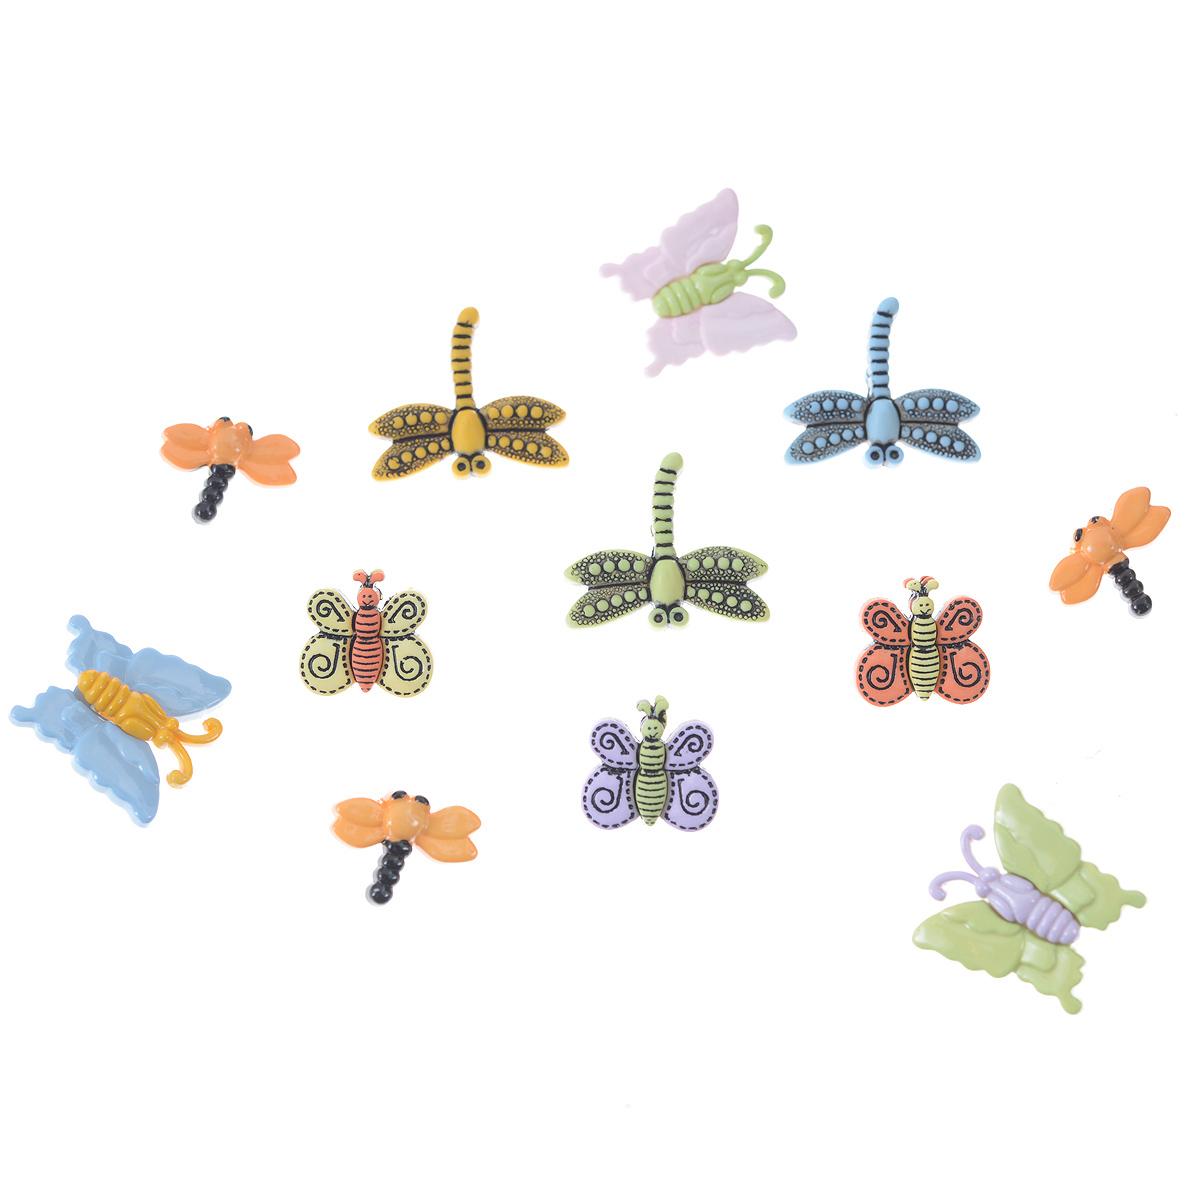 Пуговицы декоративные Buttons Galore & More Spring, 12 шт7705942Набор Buttons Galore & More Spring состоит из 12 декоративных пуговиц на ножке. Изделия выполнены из пластика в форме бабочек и стрекоз. Предметы набора подходят для любых видов творчества: скрапбукинга, декорирования, шитья, изготовления кукол, а также для оформления одежды. С их помощью вы сможете украсить открытку, фотографию, альбом, подарок и другие предметы ручной работы. Изделия имеют оригинальный и яркий дизайн. Средний размер пуговицы: 2,2 см х 2,2 см х 0,5 см.